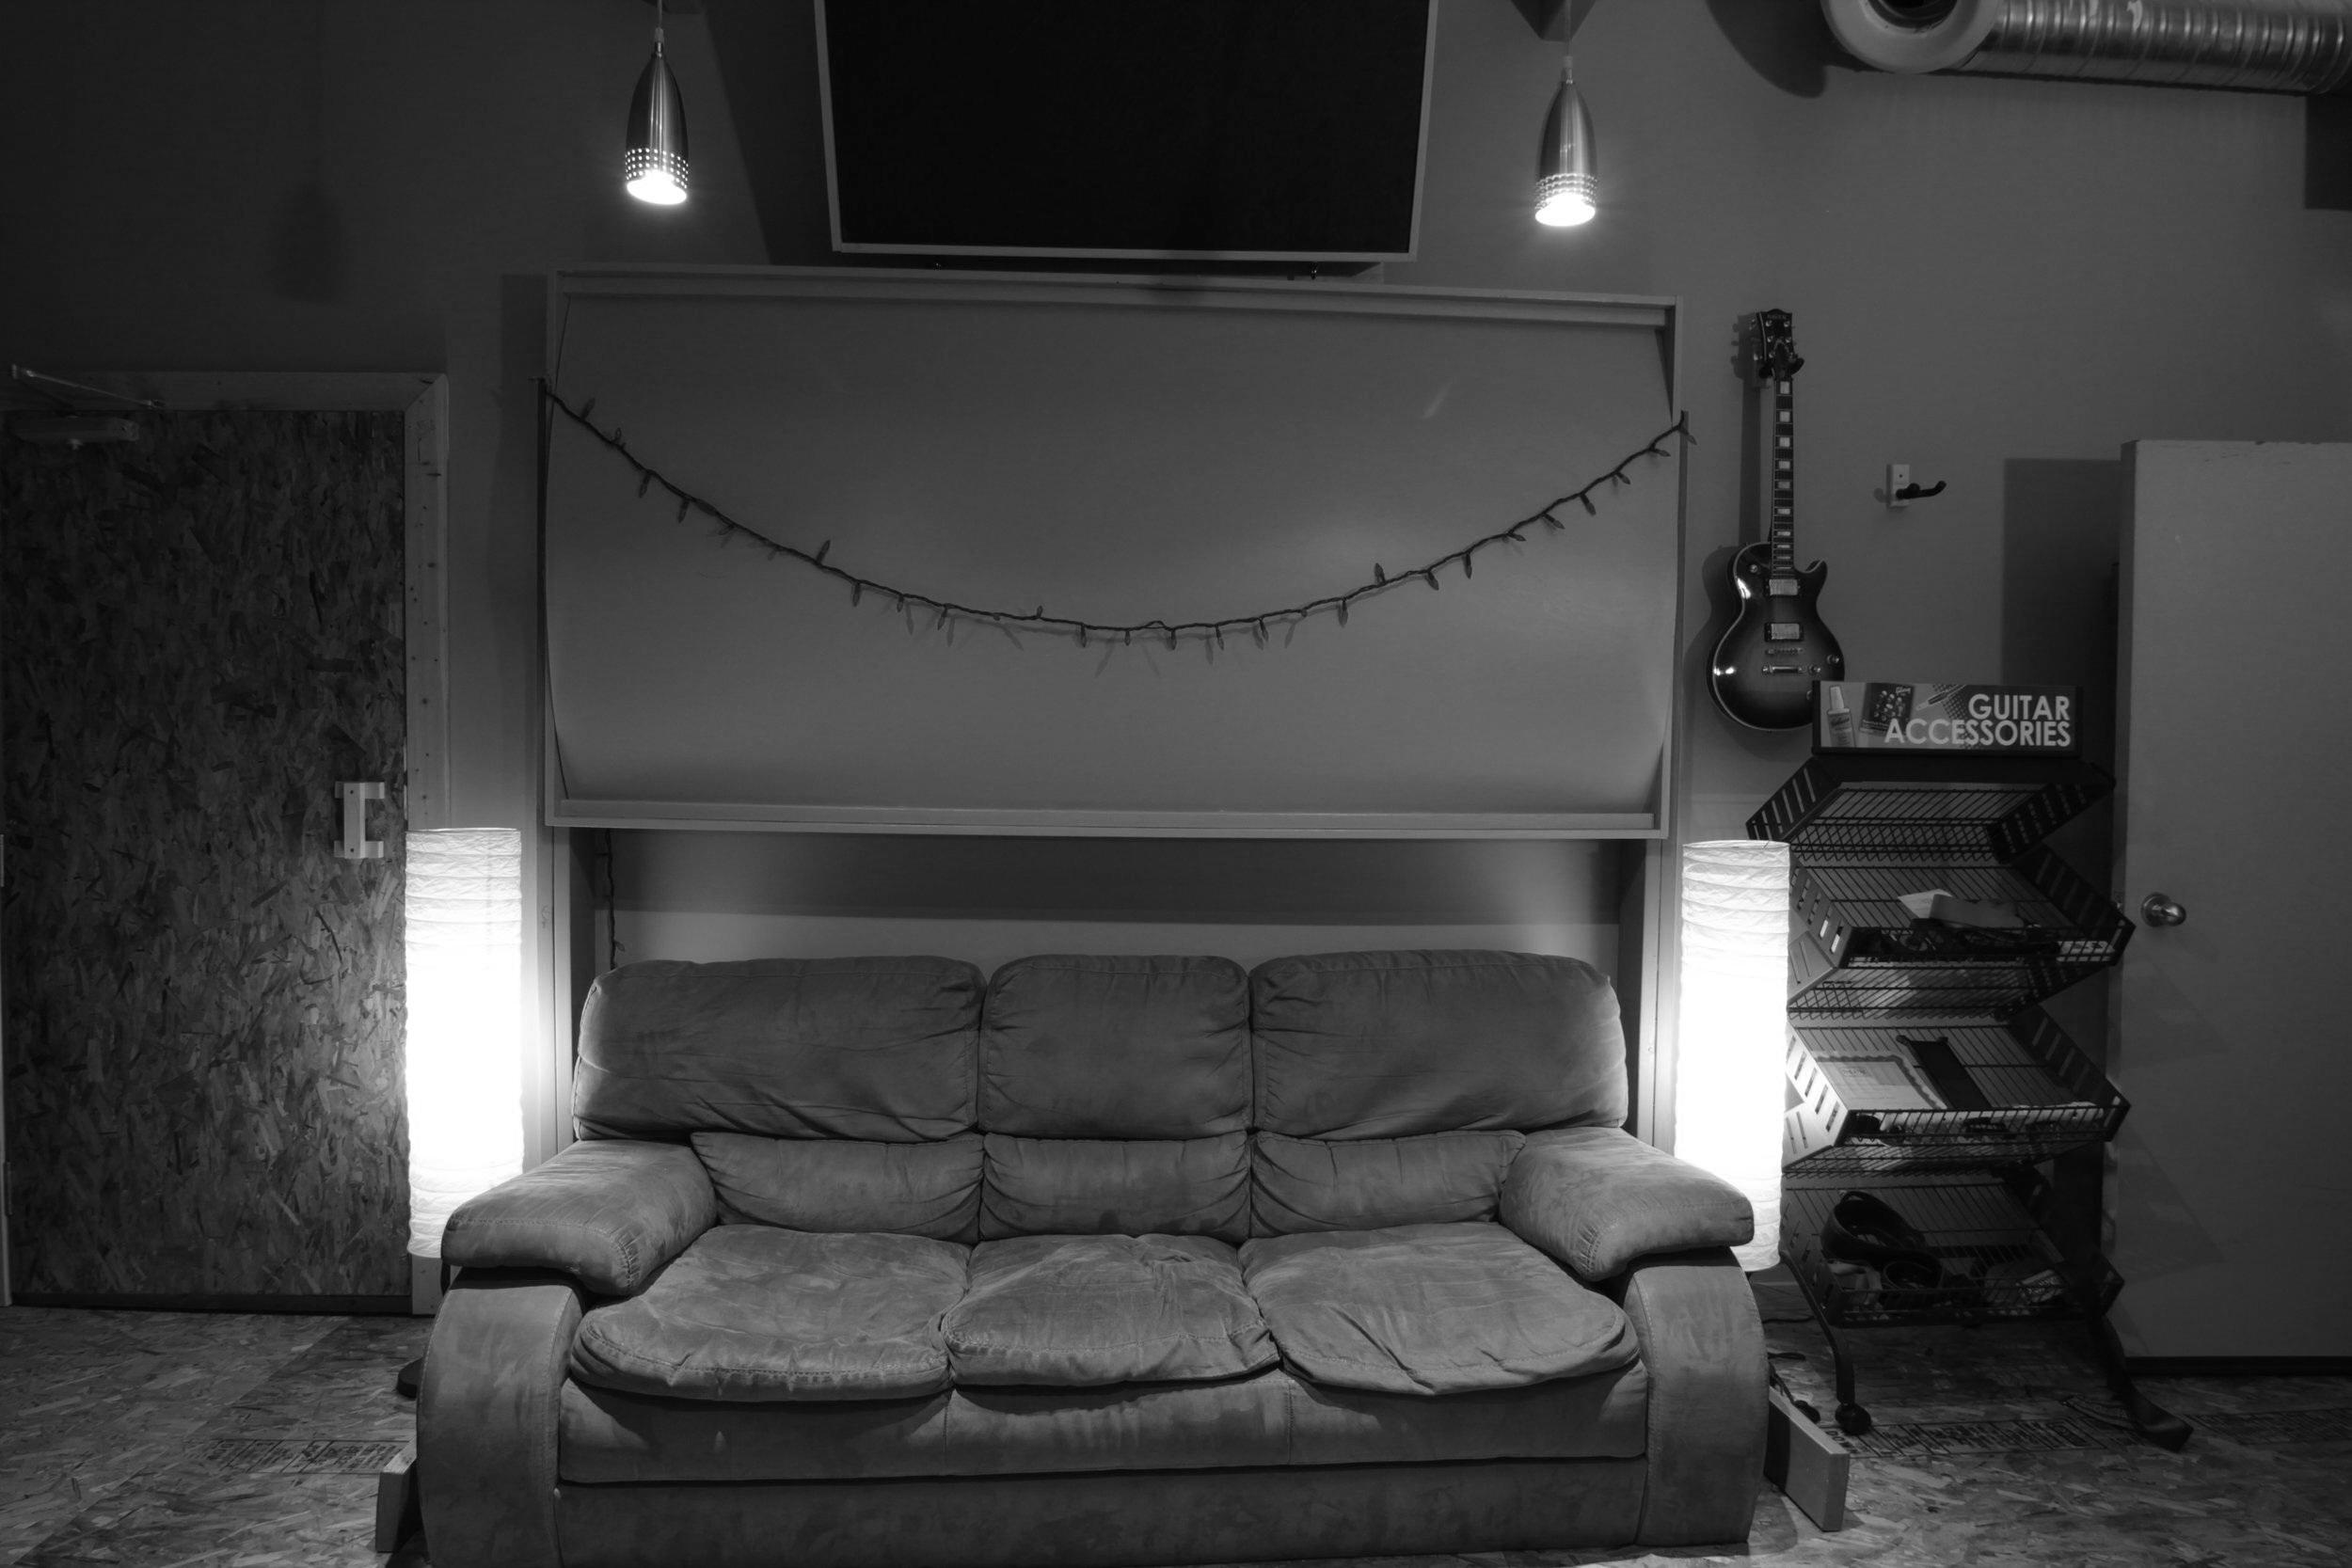 Control Room Artist/ Directors seat